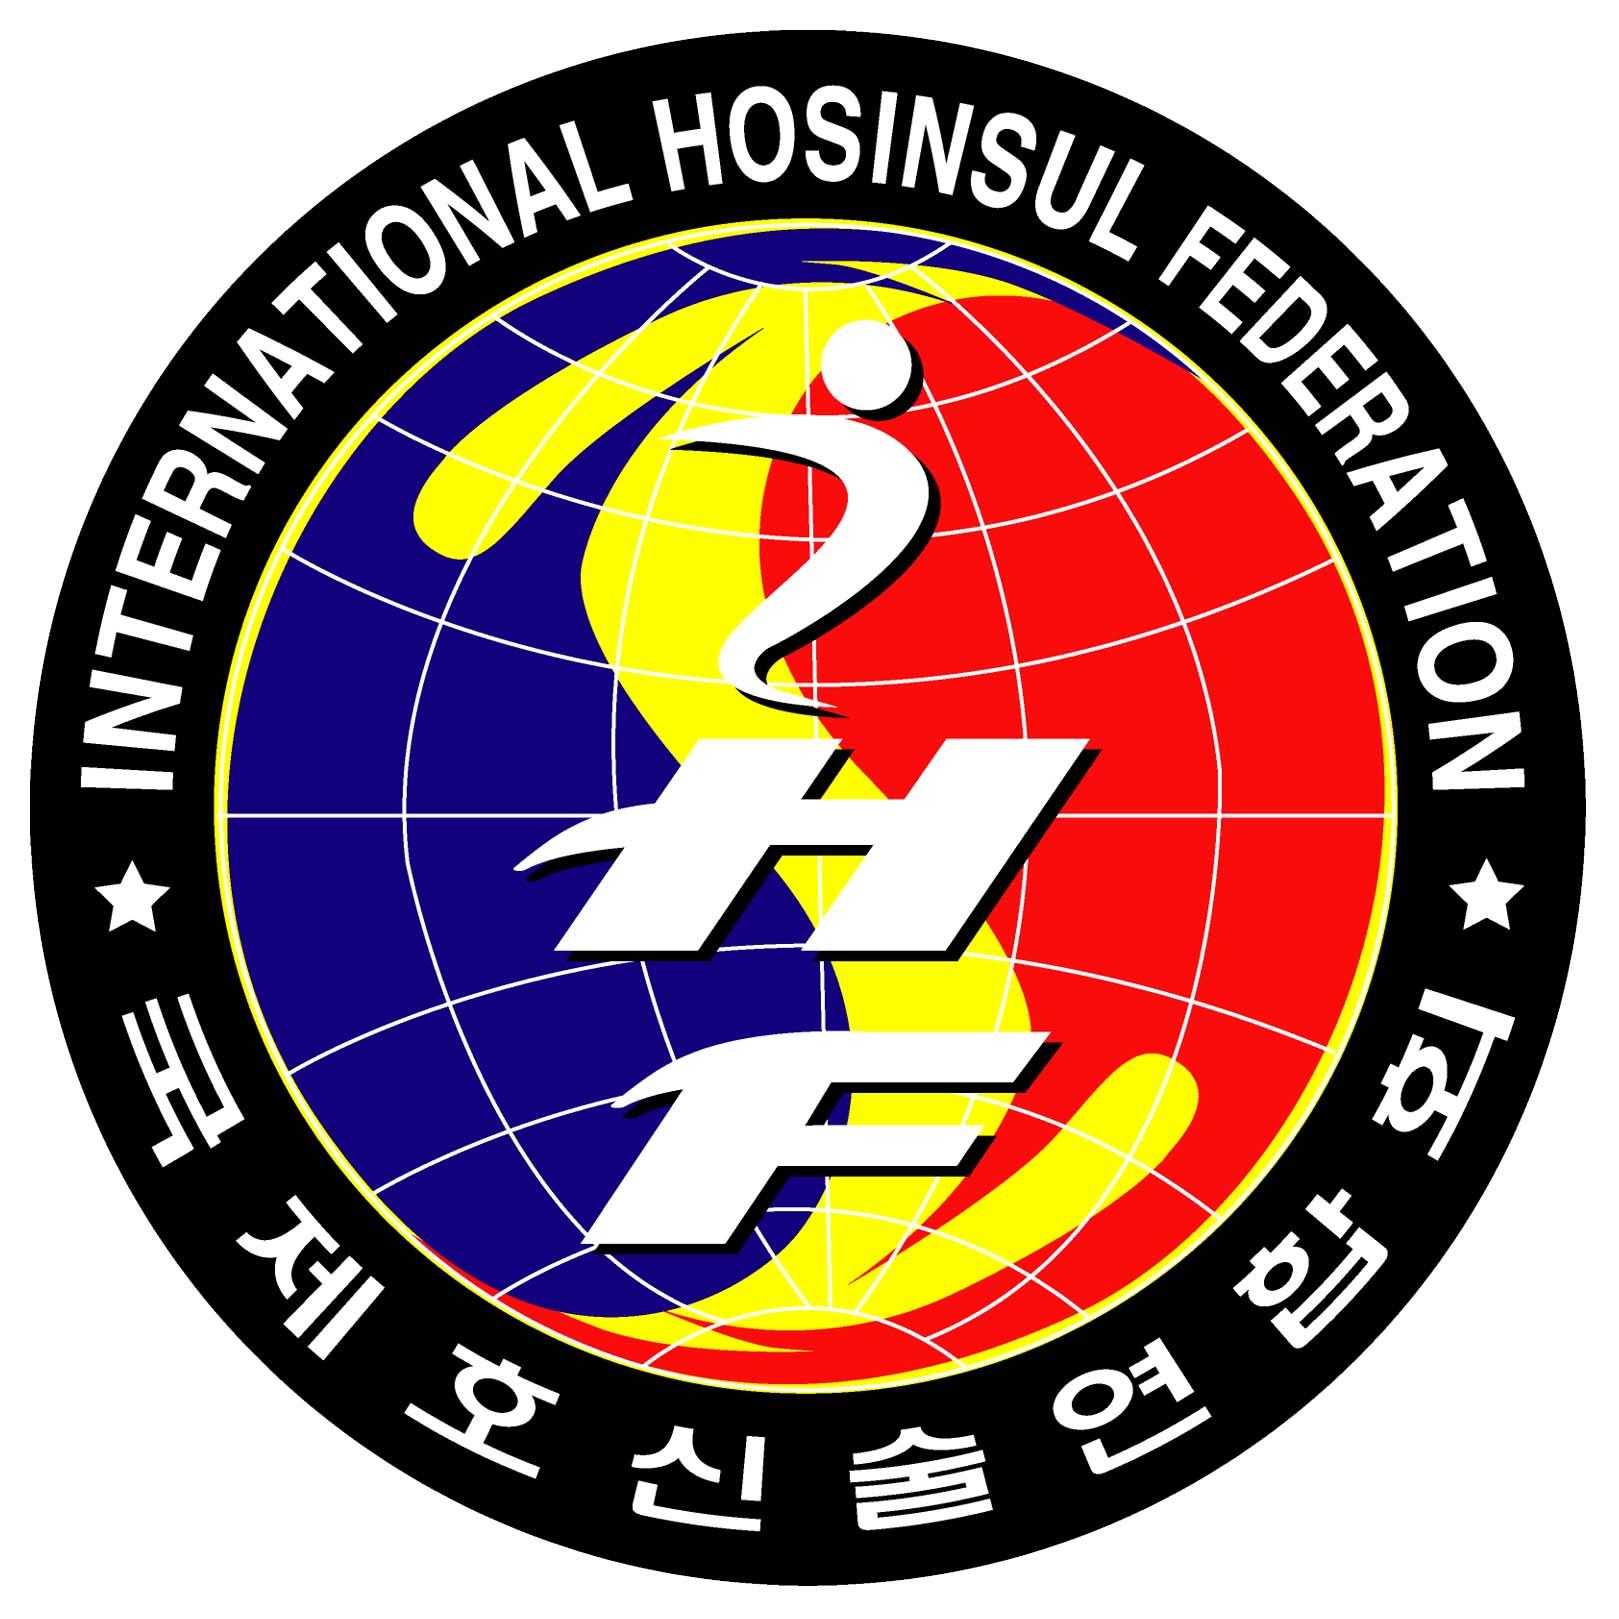 International Hosinsul Federation (Applied Self Defense)